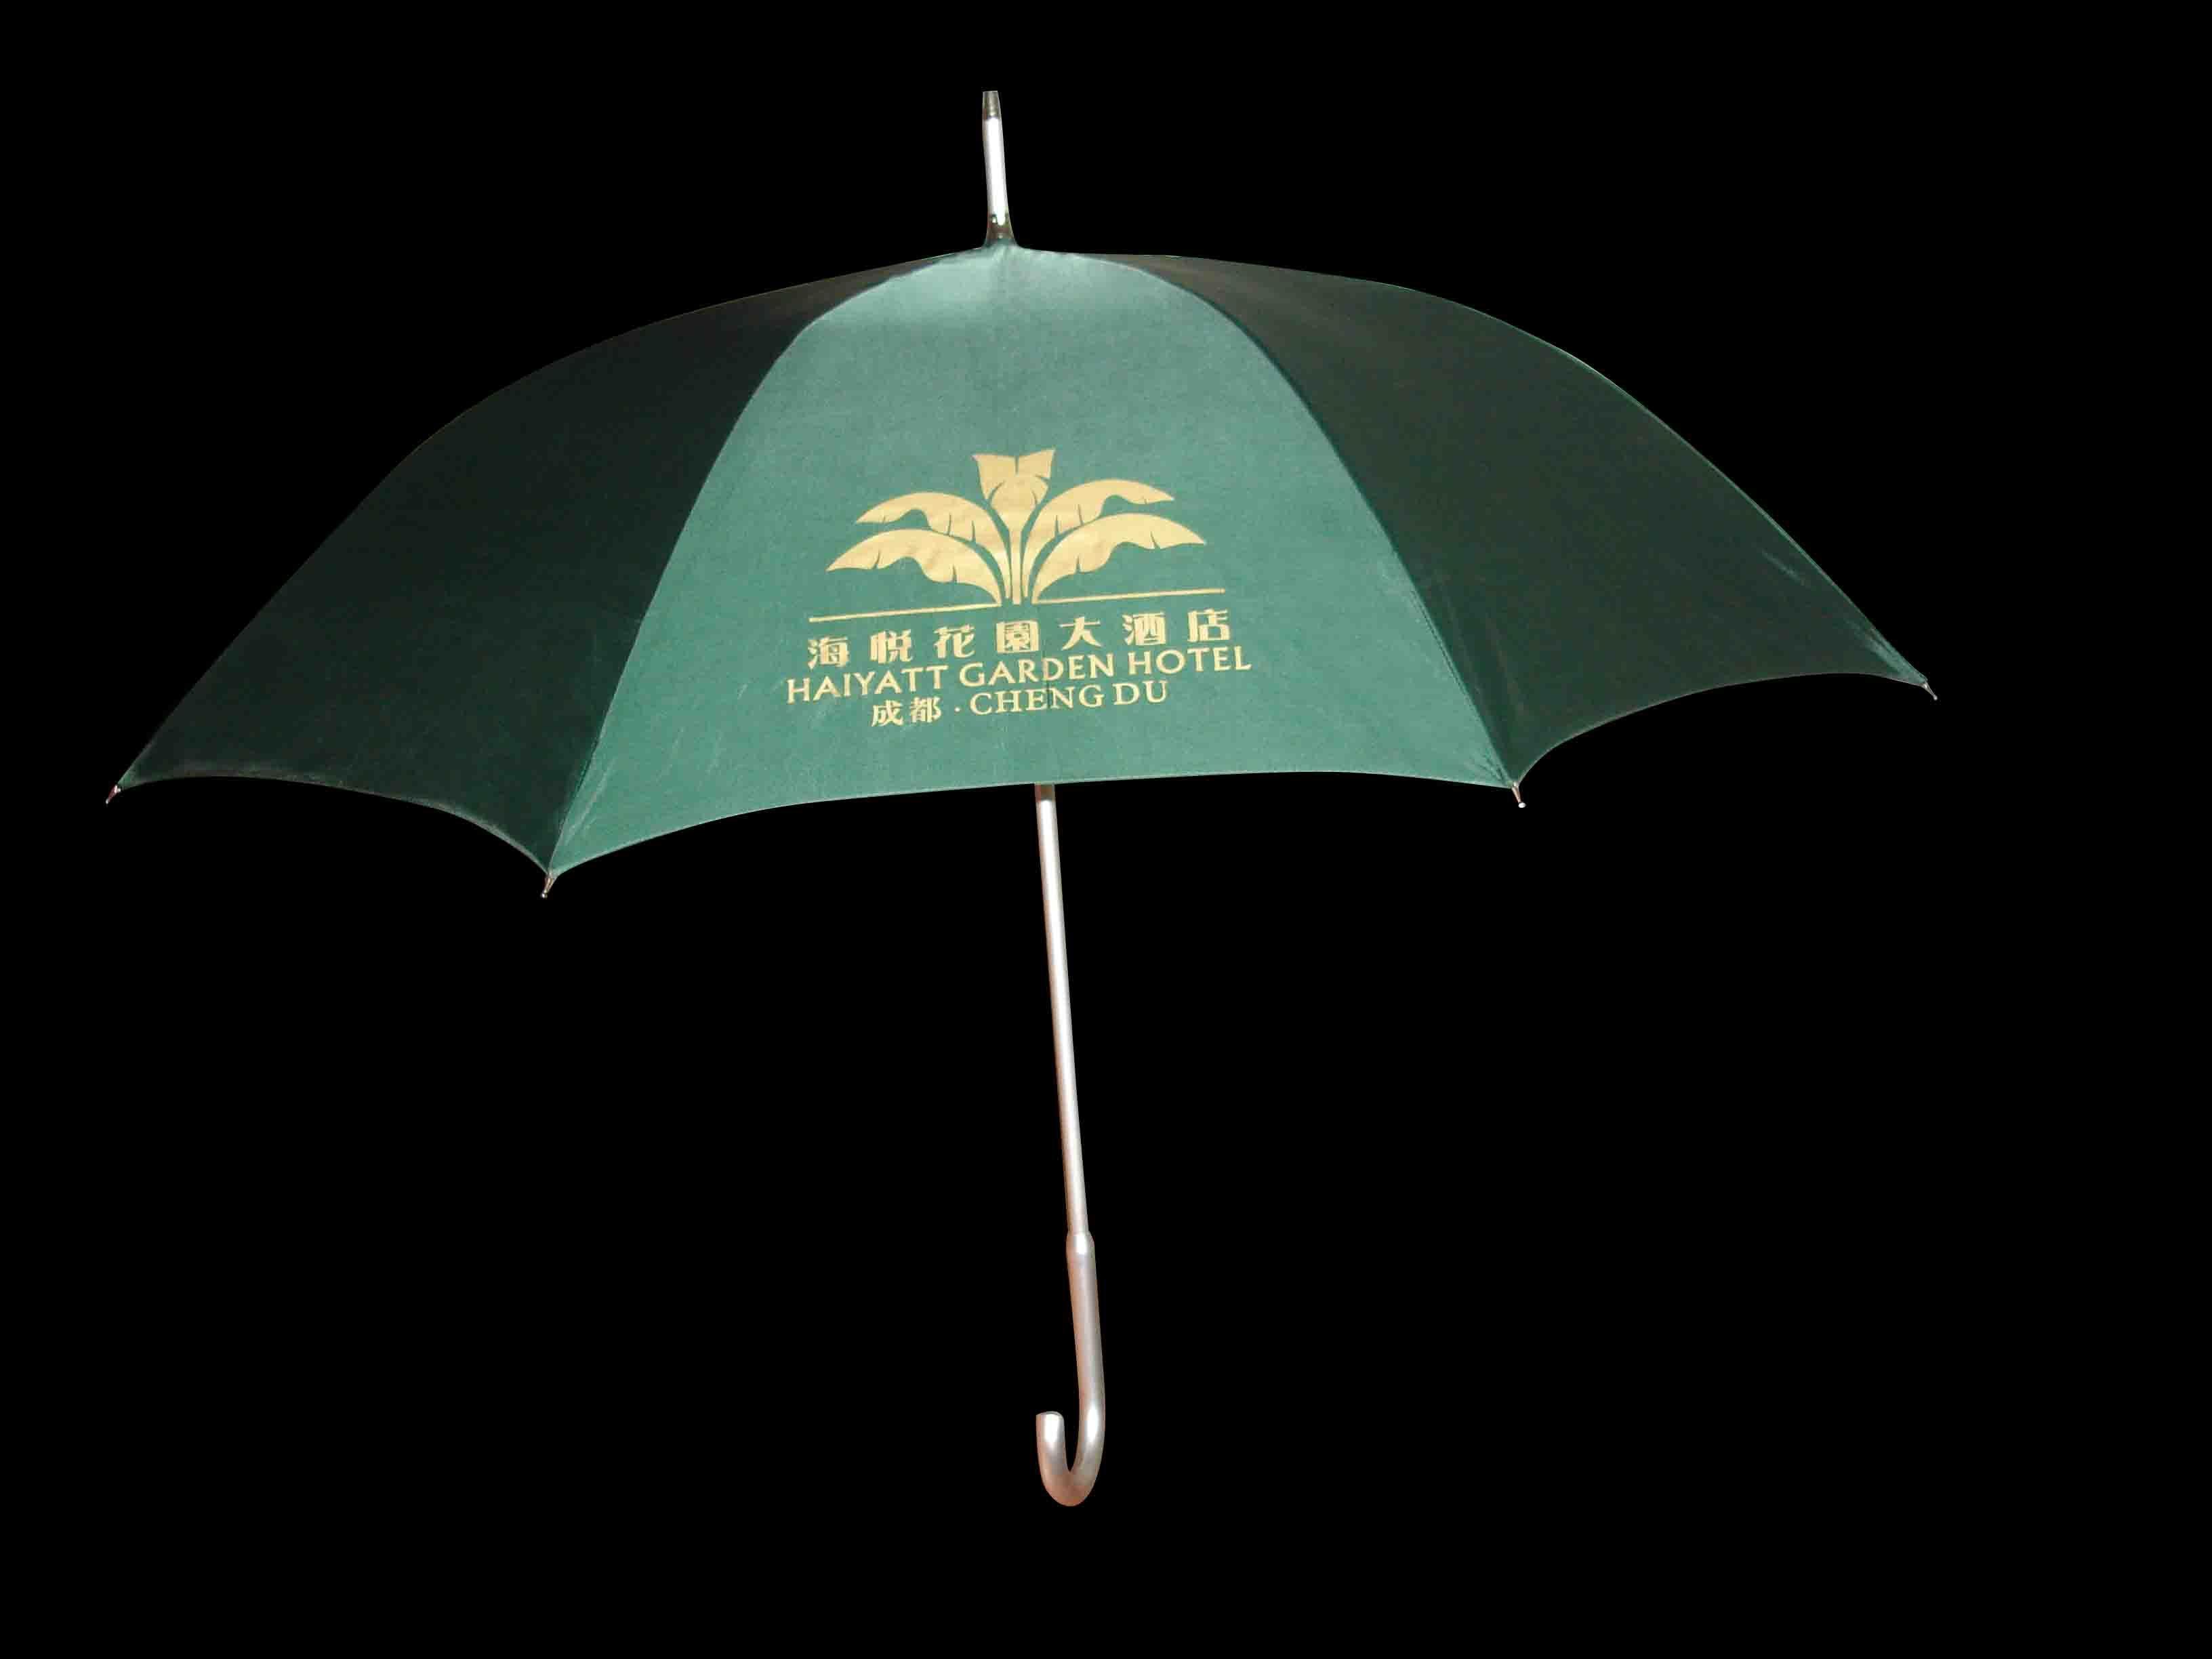 昆明广告伞(昆明雨伞